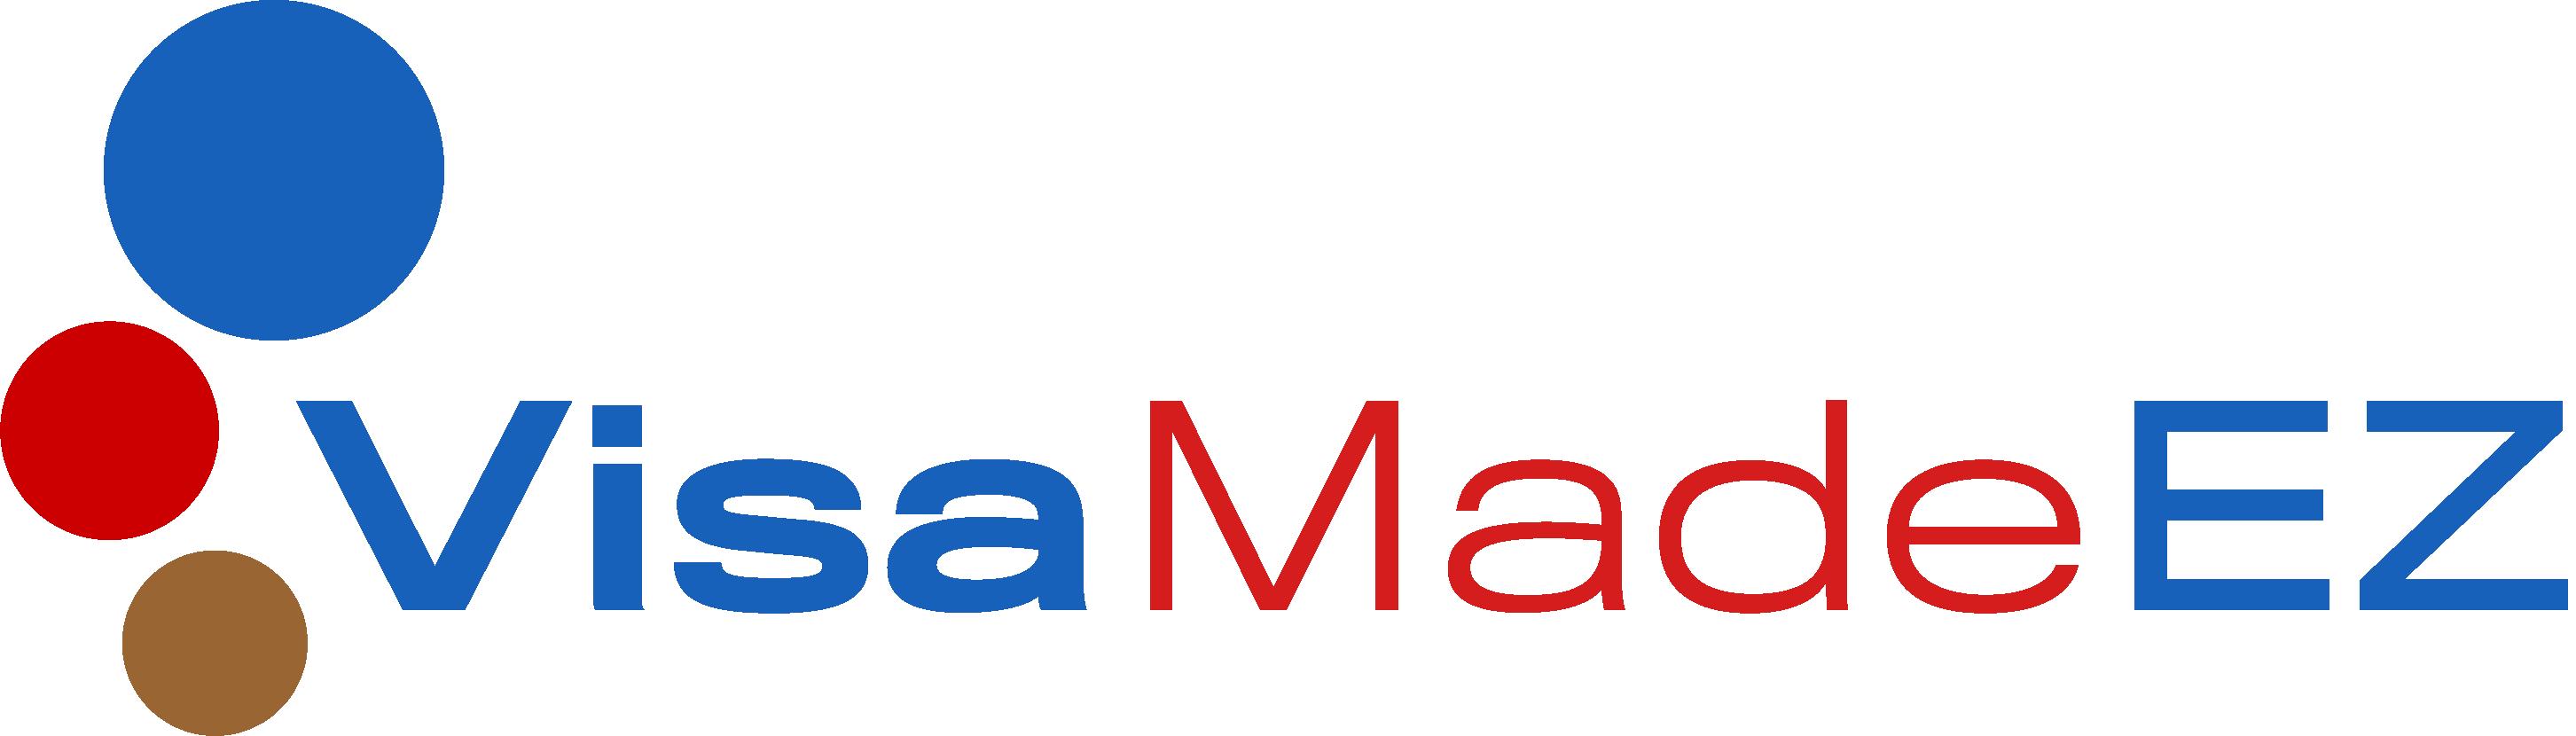 Visa_made_EZ_logo